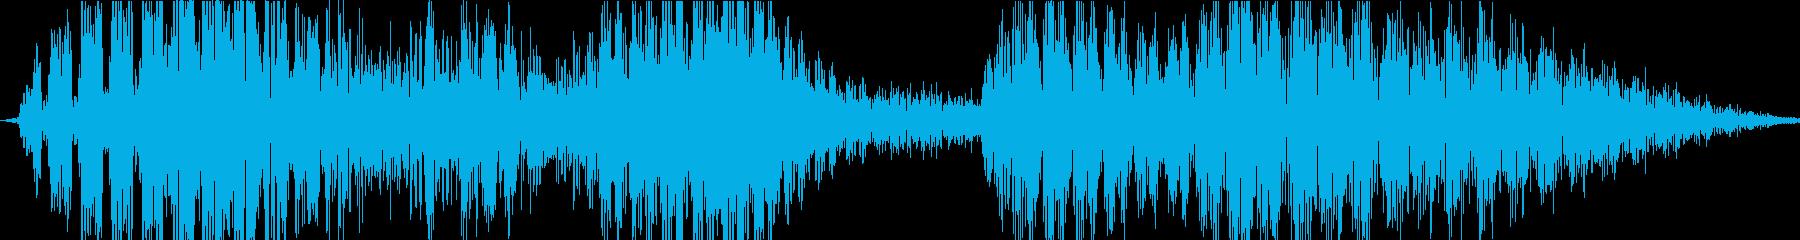 ロボットボイス3の再生済みの波形